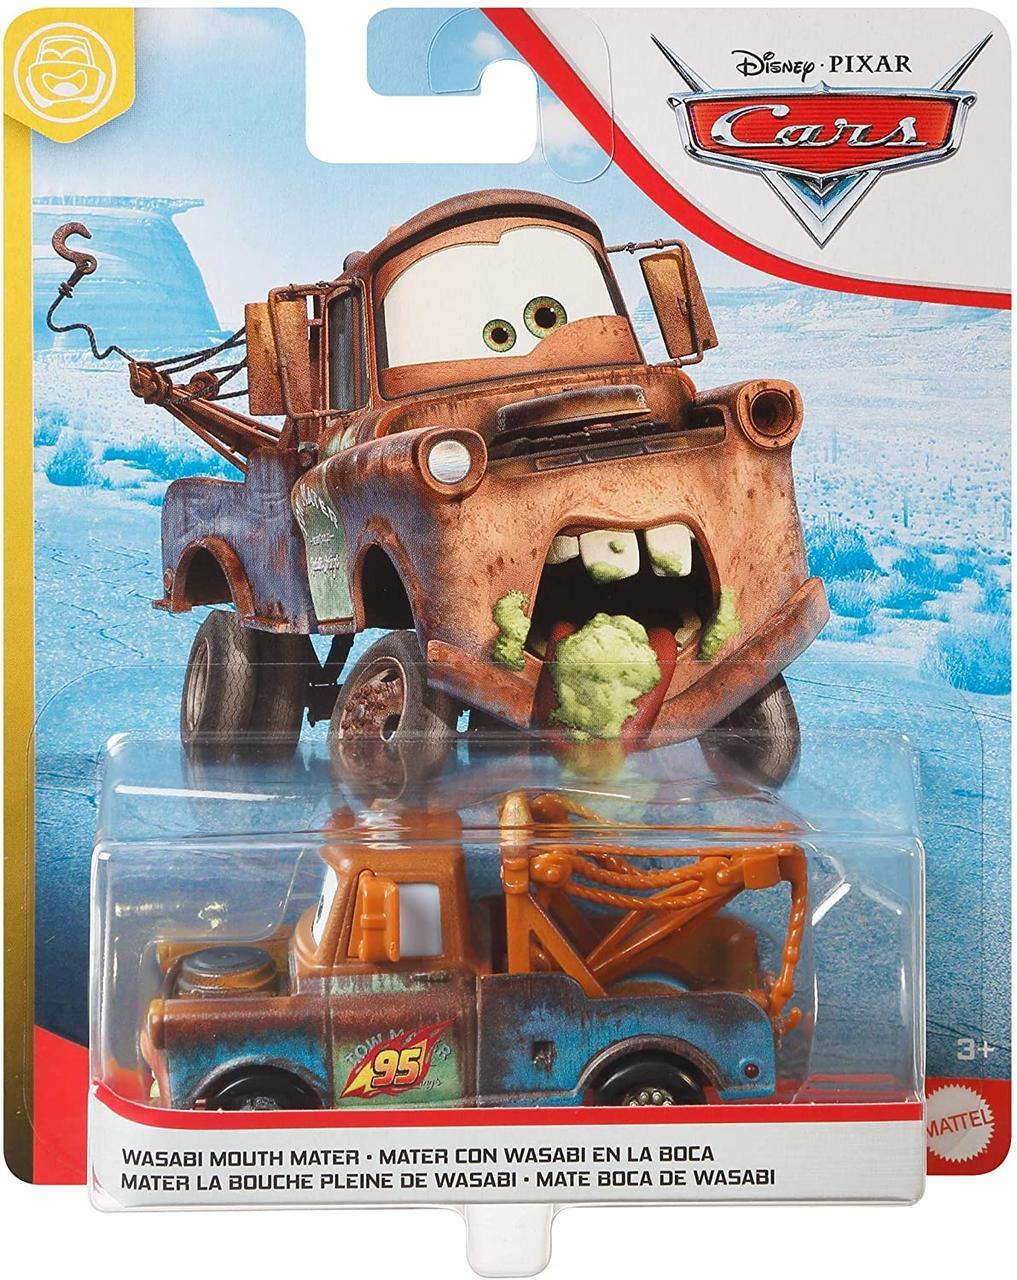 Тачки 2: Mэтр съел васаби (Wasabi Mouth Mater) Disney Pixar Cars от Mattel